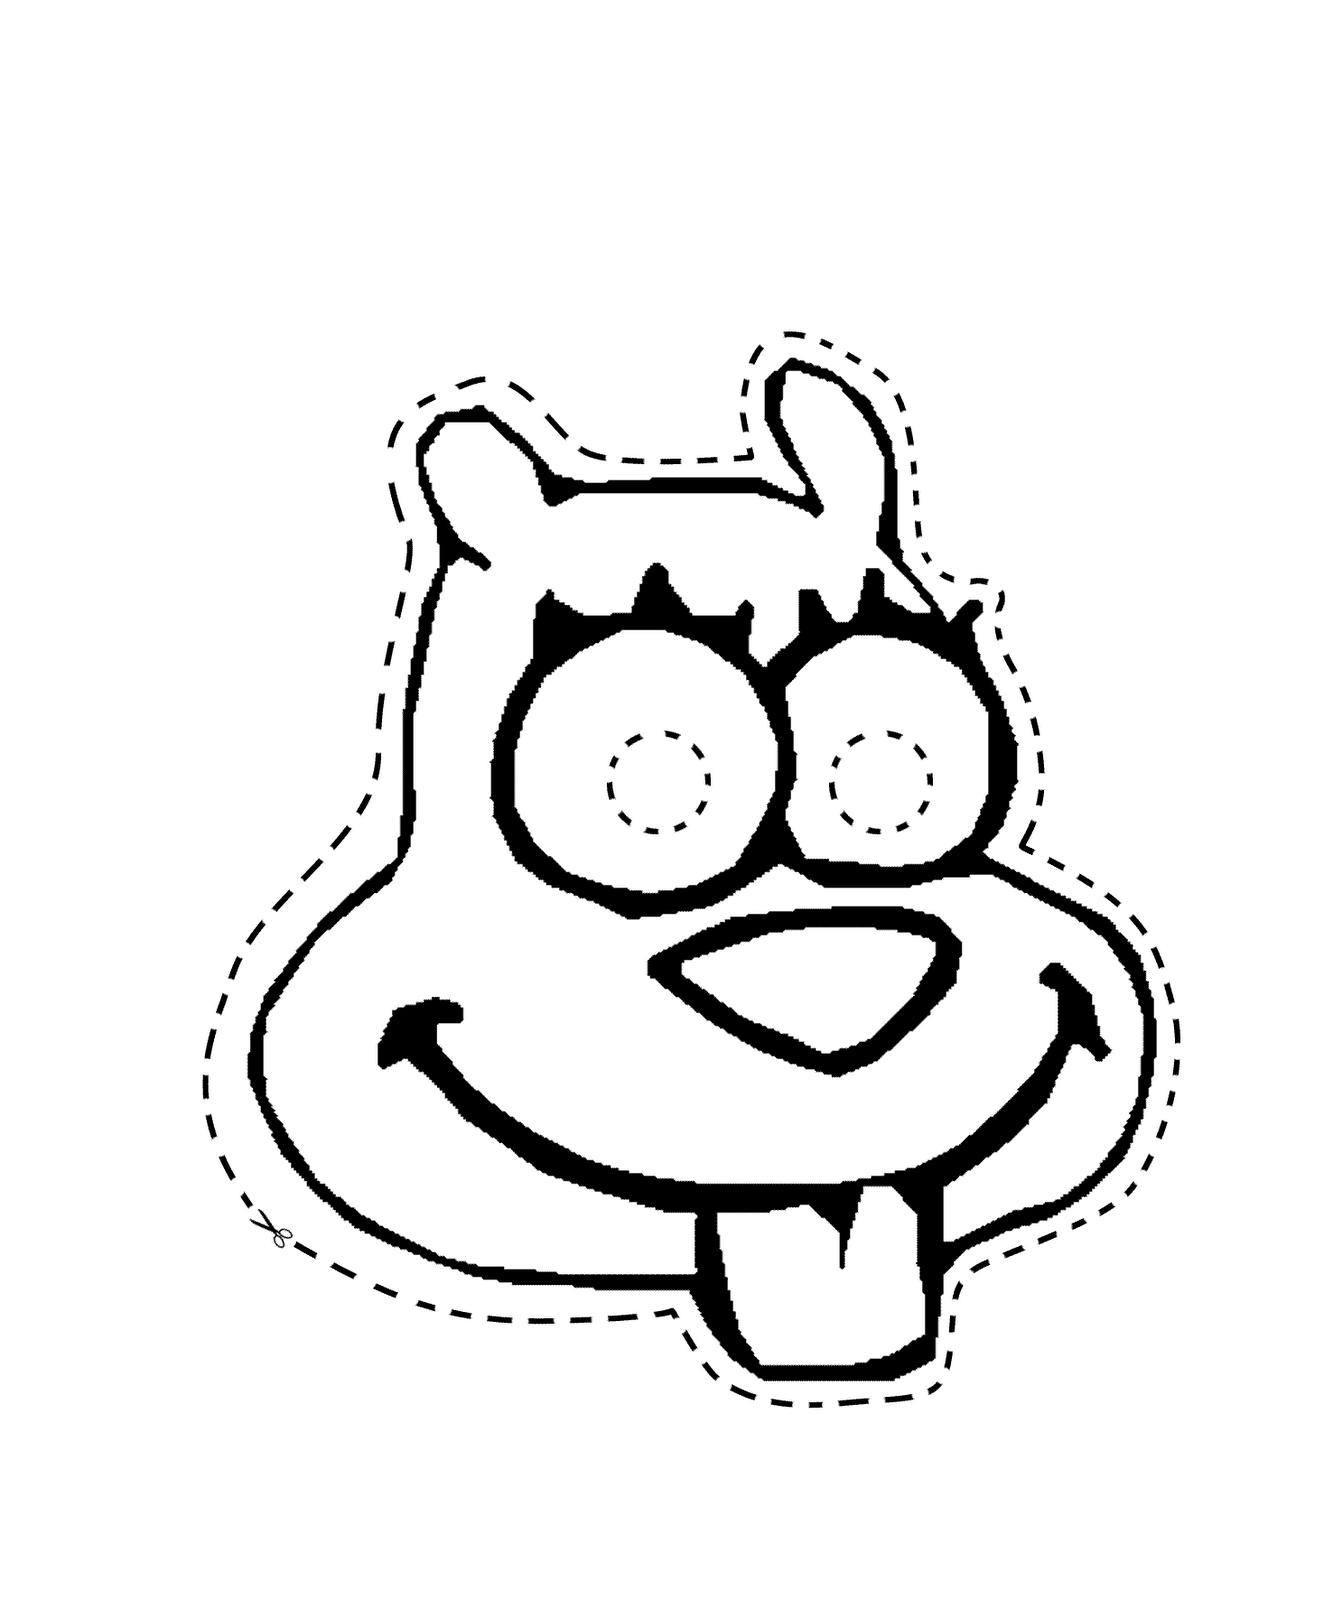 princess crown monkey pirate mr krab sandy squirrel sponge bob